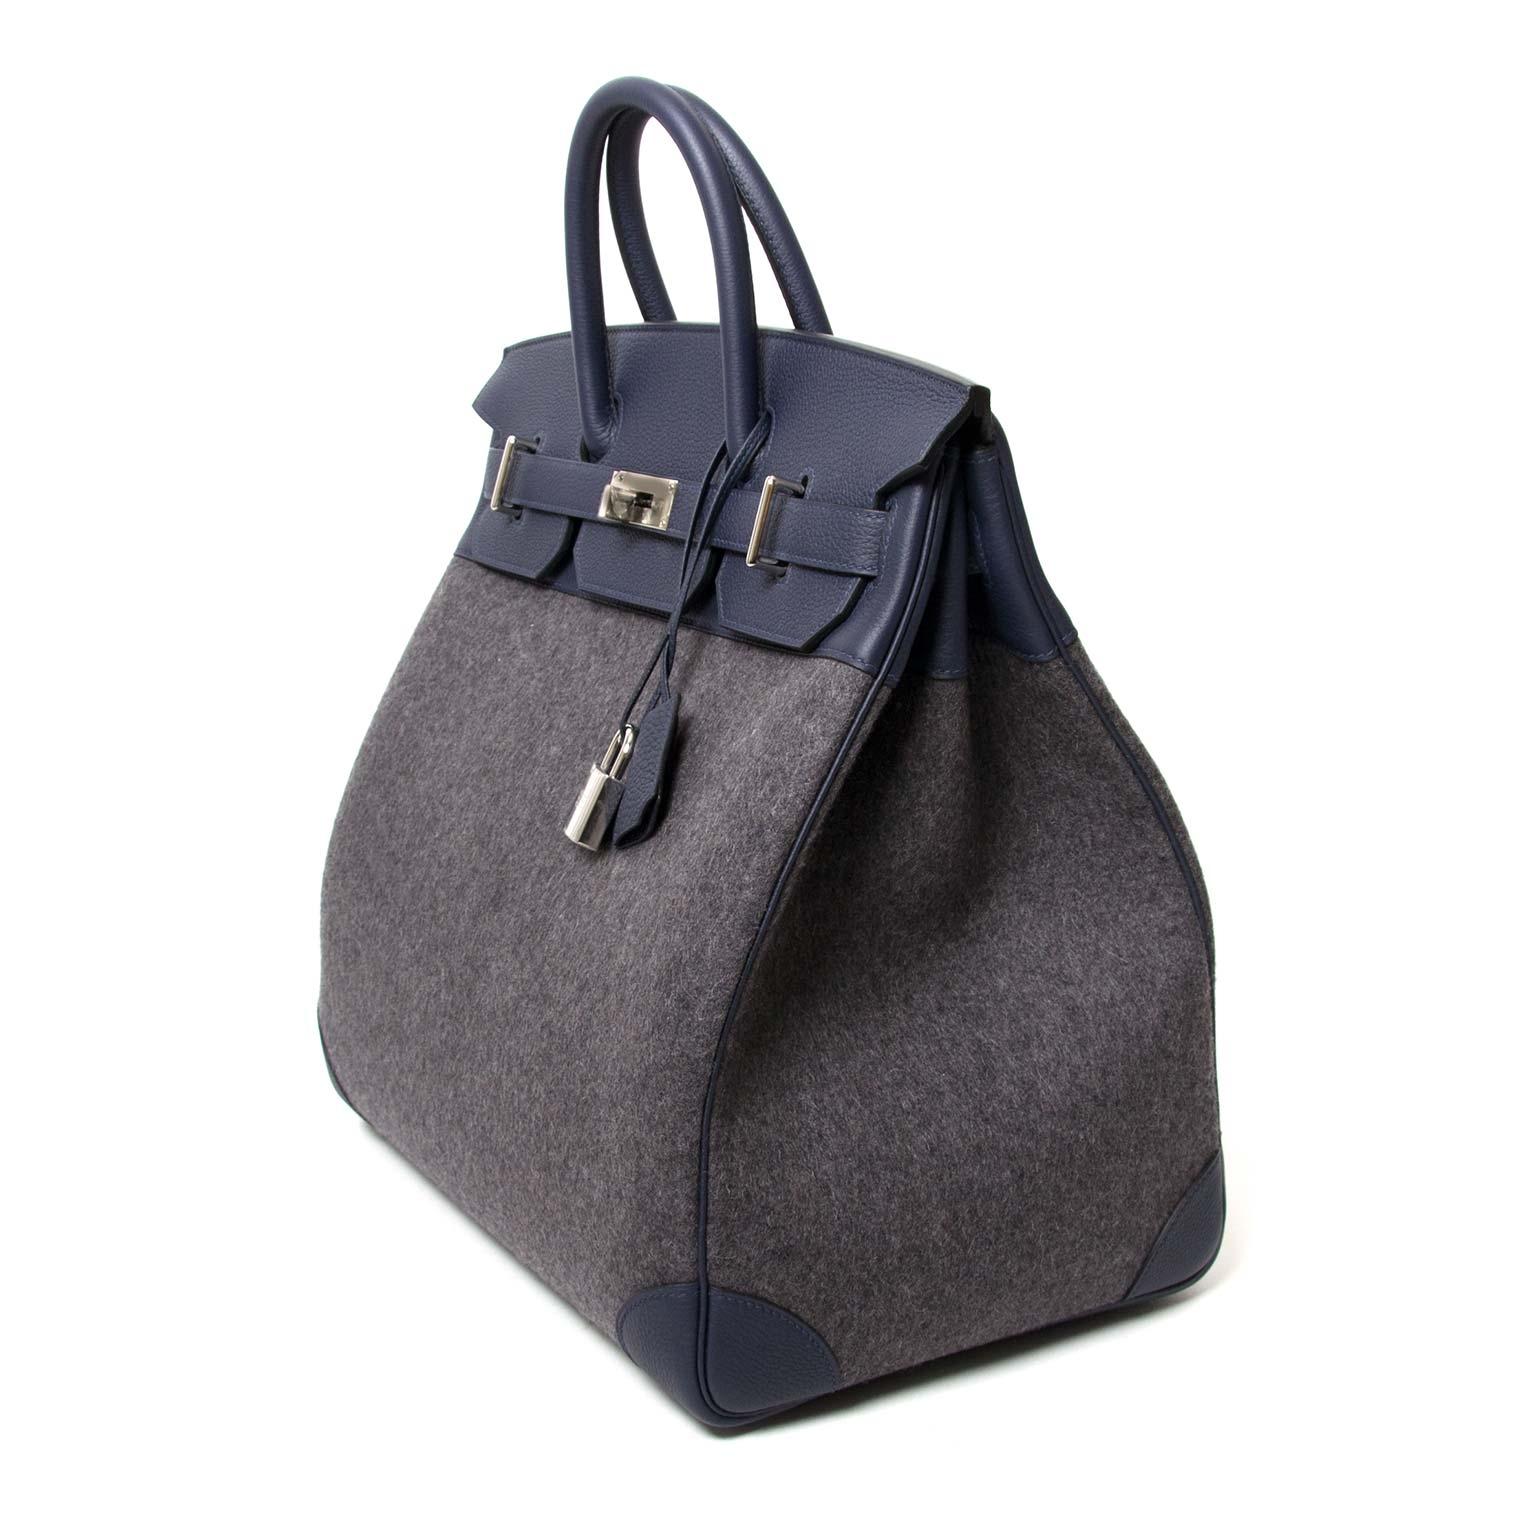 Hermes Birkin 40 Hac Gris Moyen Grey Todoo Feutre Blue Nuit Togo  nu te koop bij labellov.com